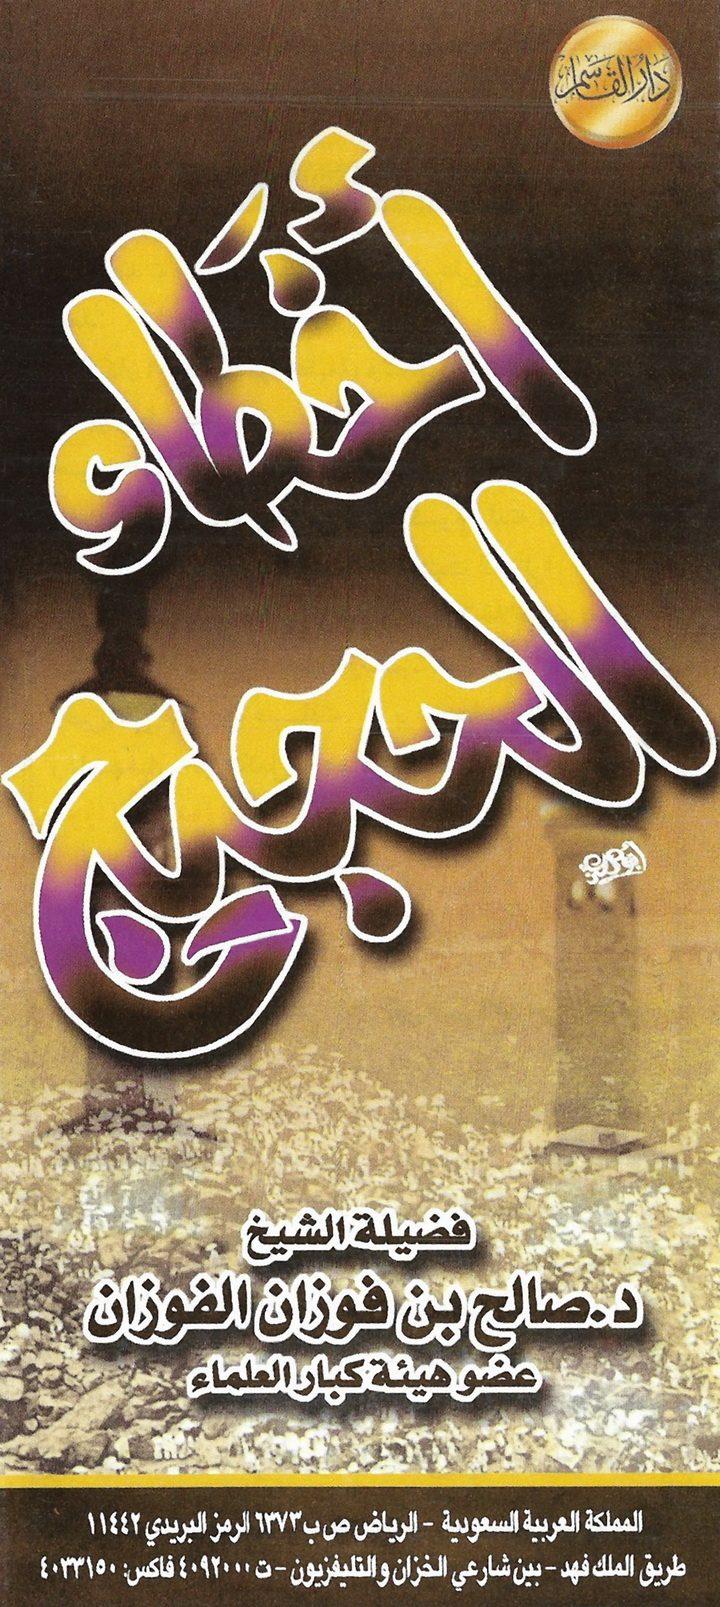 أخطاء الحجيج (صالح بن فوزان الفوزان – دار القاسم)